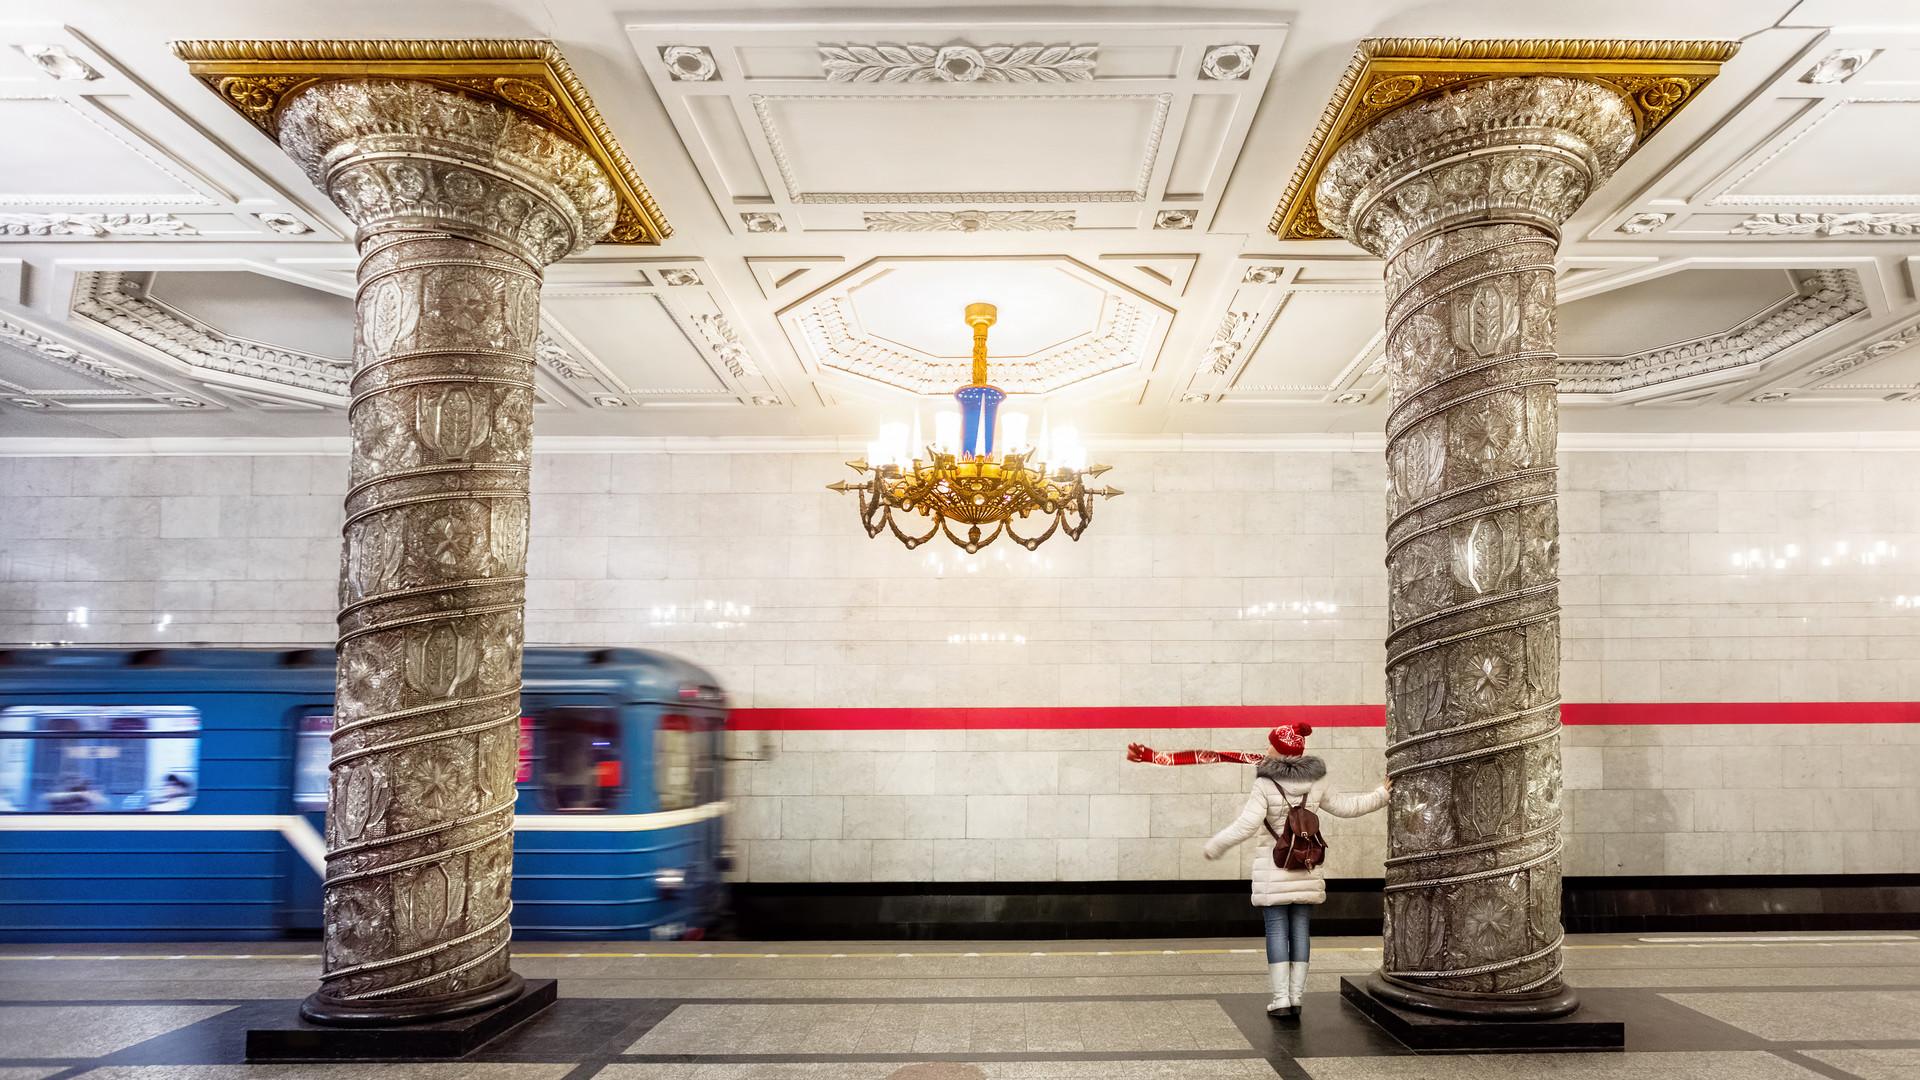 Avtovo station